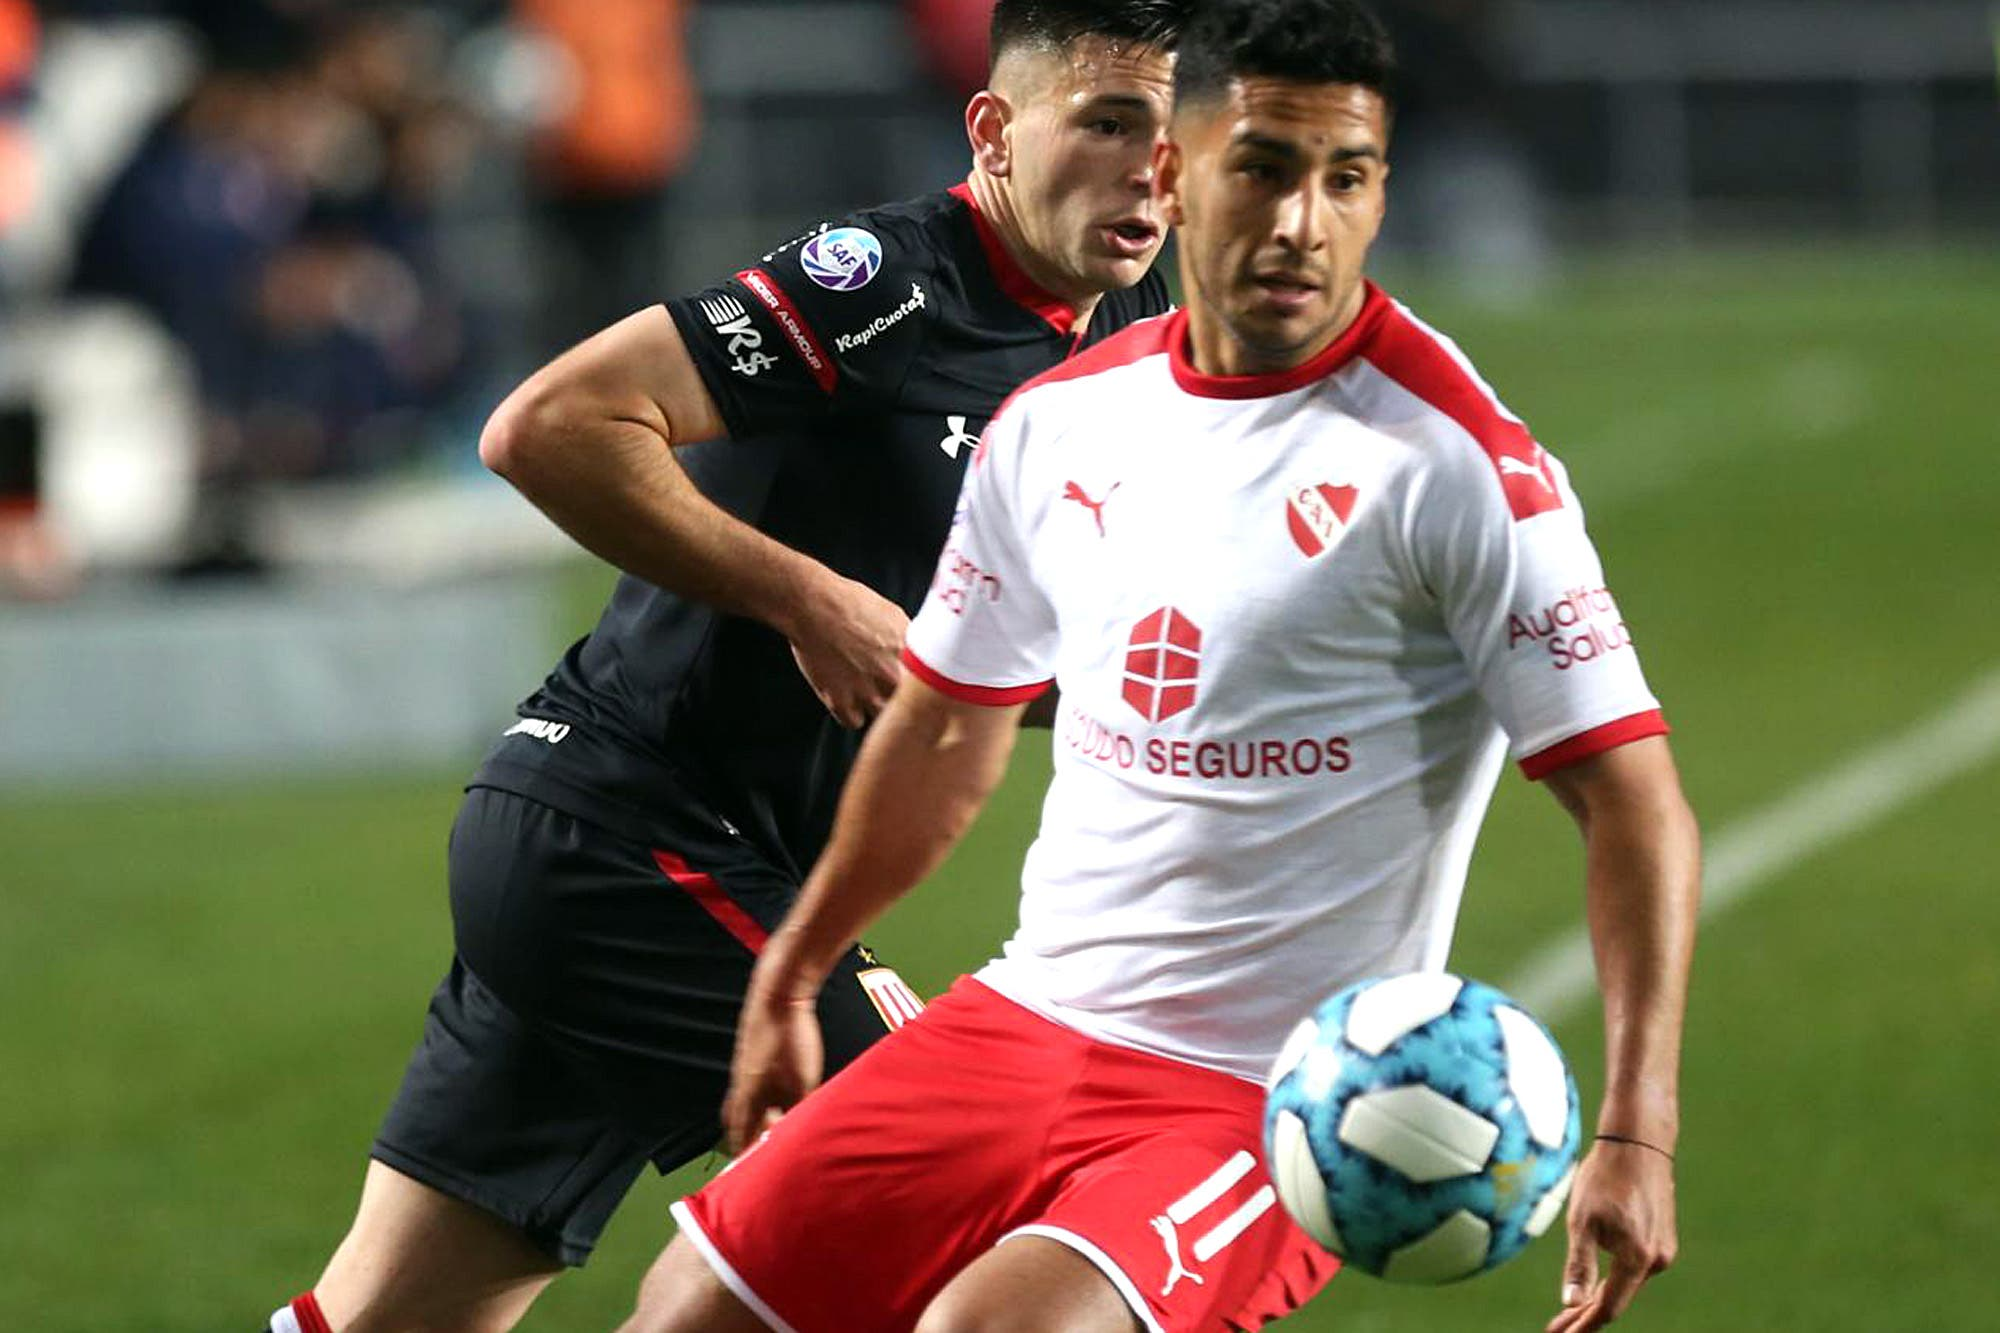 Estudiantes-Independiente: el Rojo busca recuperarse tras ser eliminado de la Copa Sudamericana